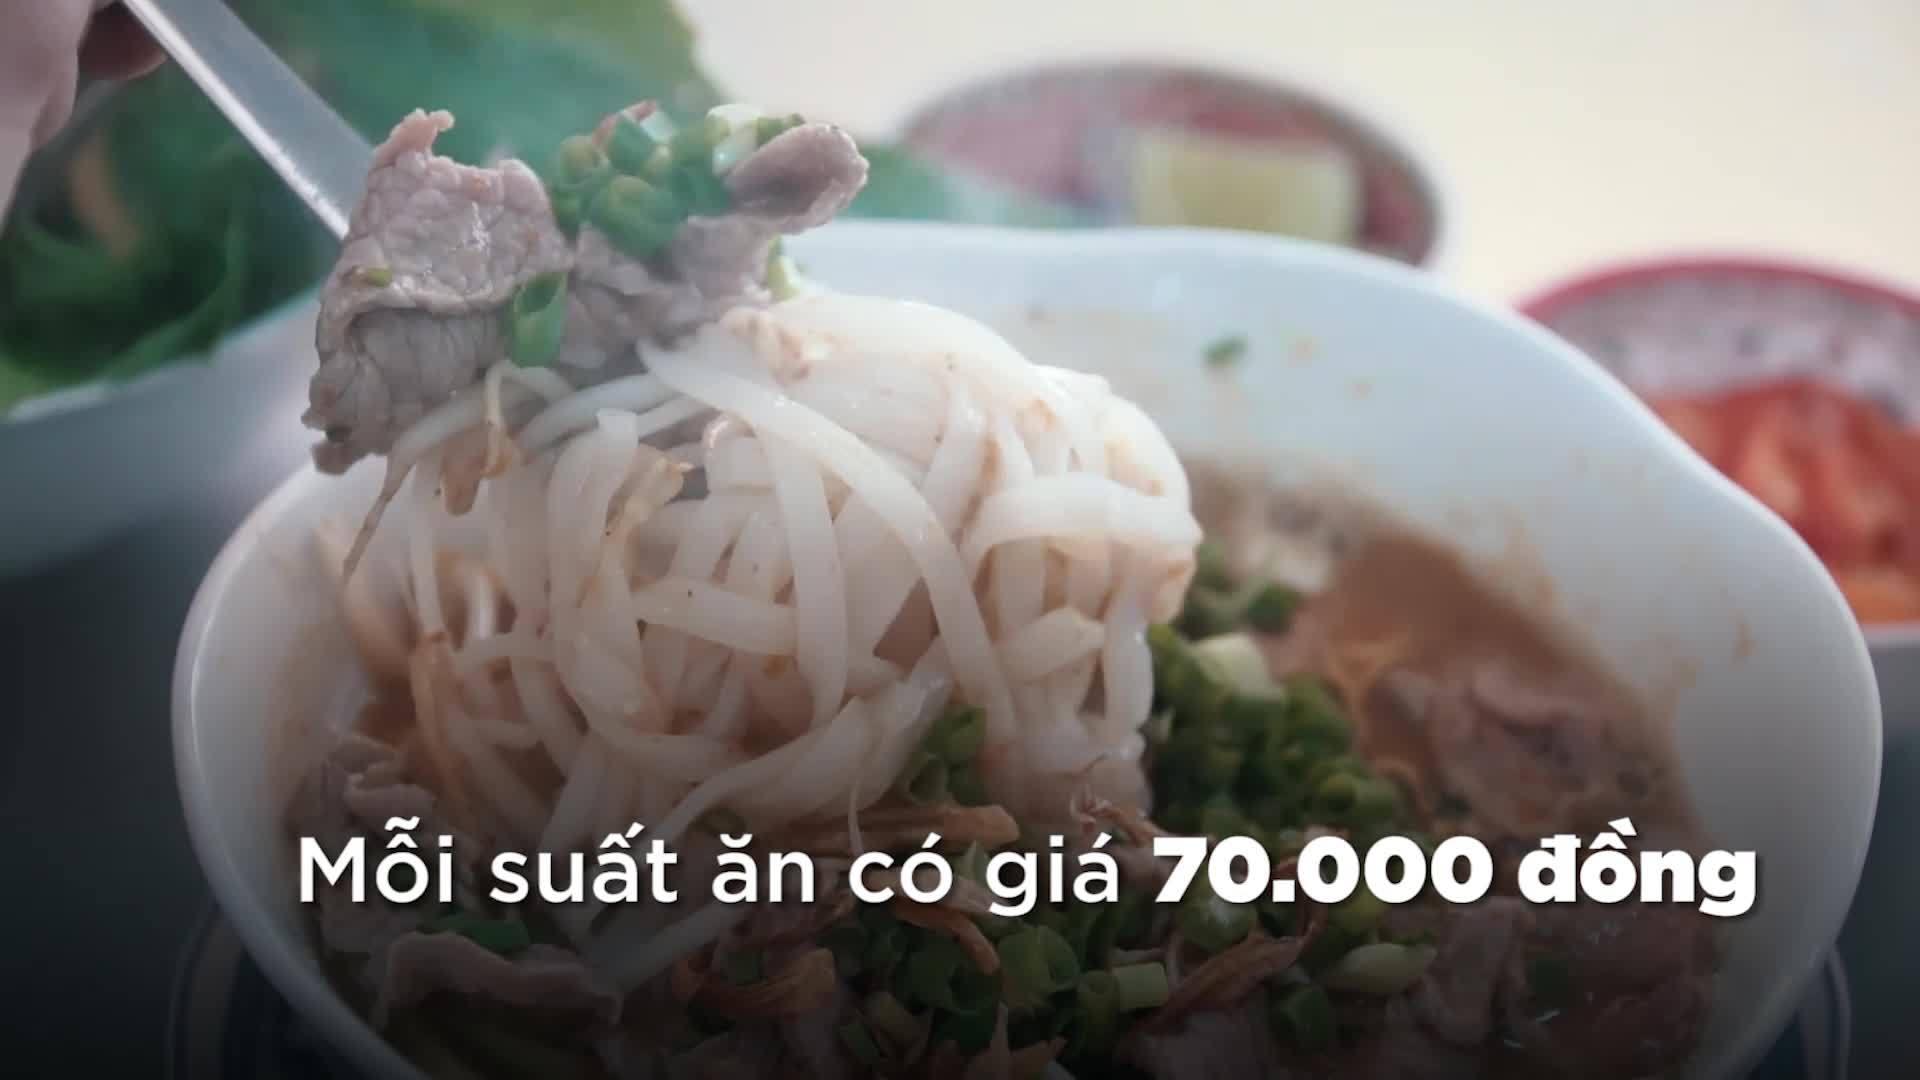 Ba địa chỉ lâu năm cho người thích ăn món Hoa ở Sài Gòn